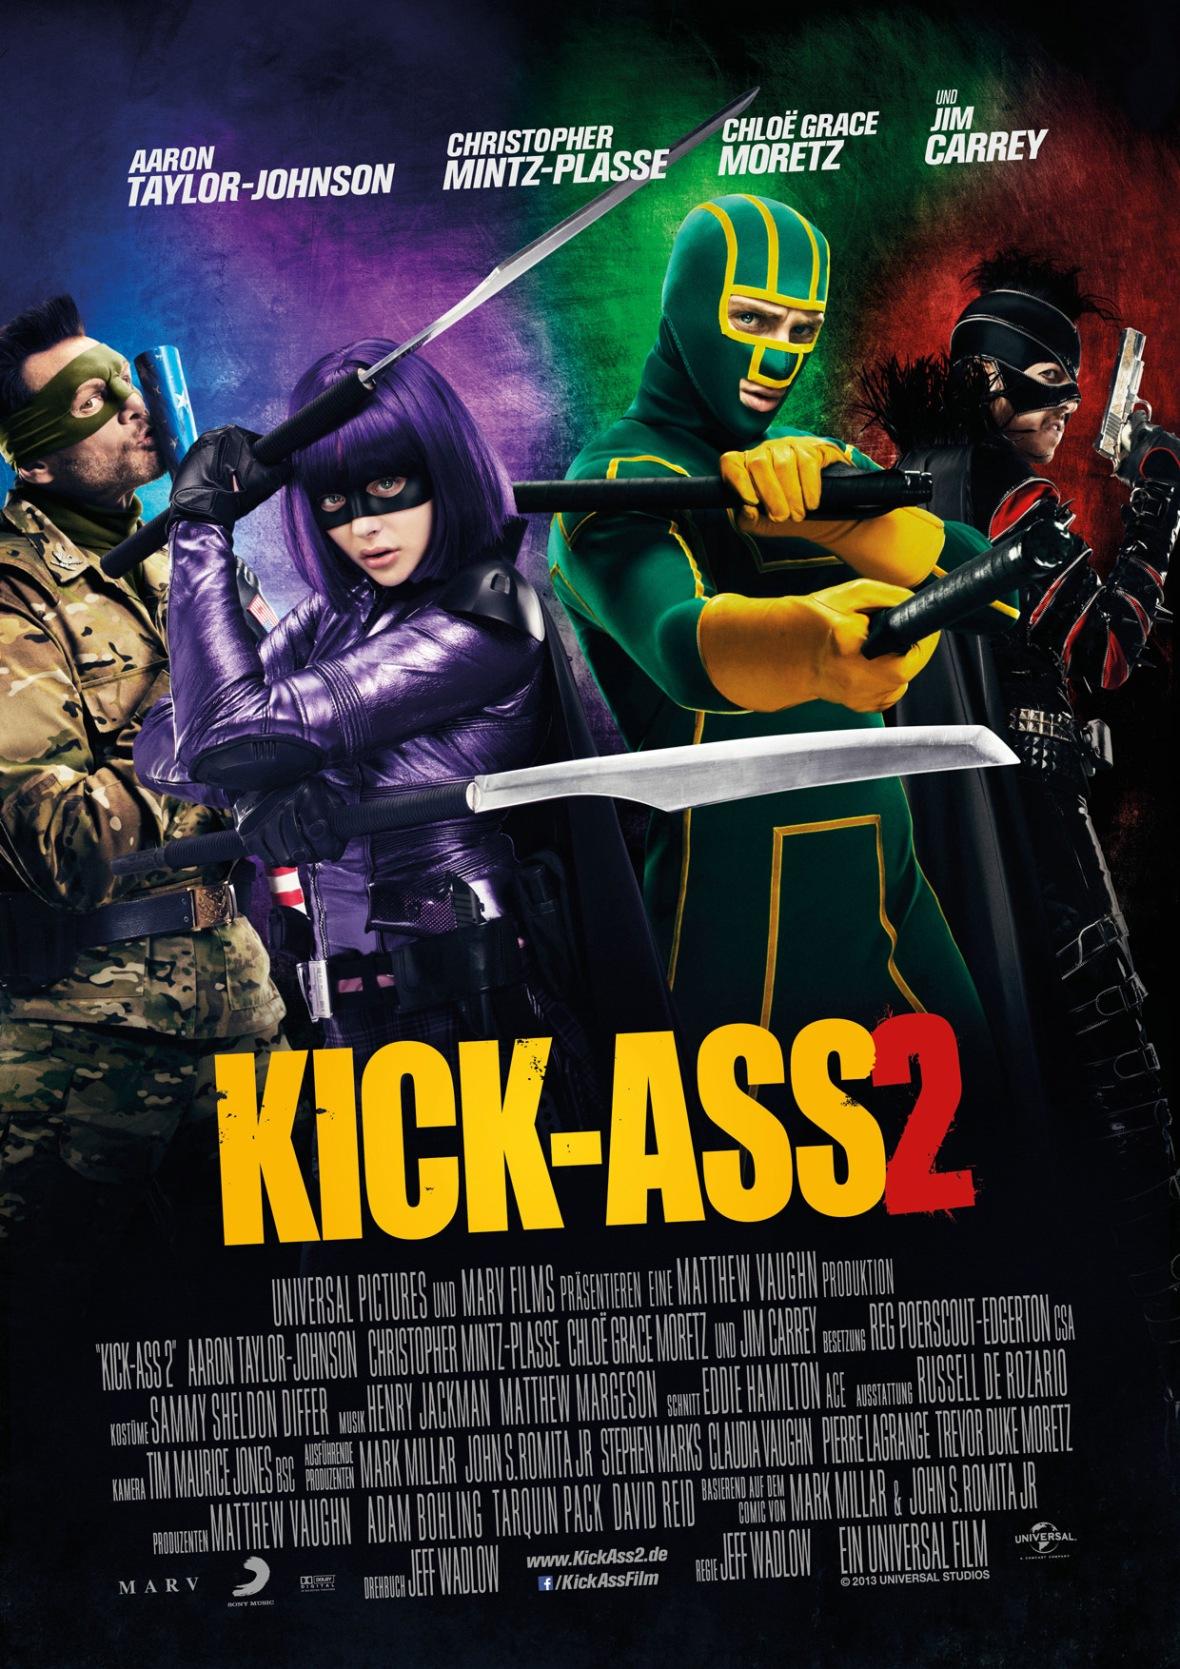 kickass2a